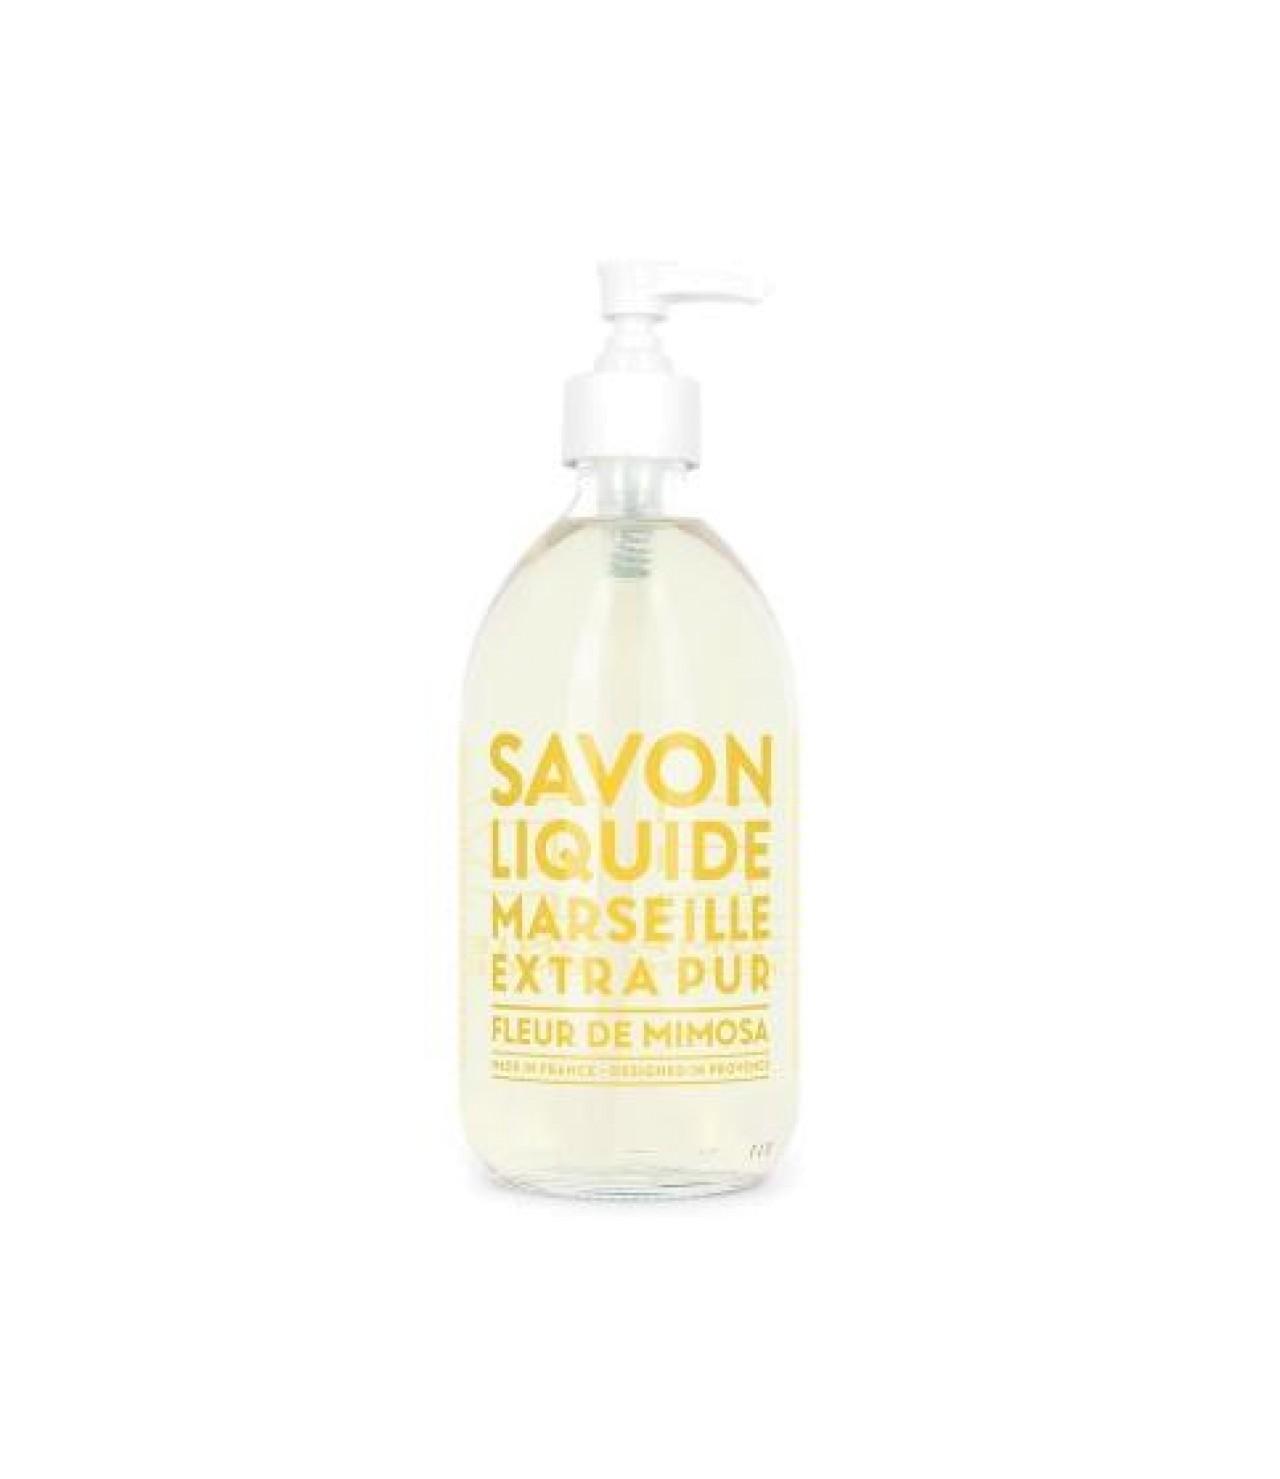 Sapone Liquido di Marsiglia alla Mimosa 500ml Compagnie de Provence Italia CPPF0101SL500MI-01